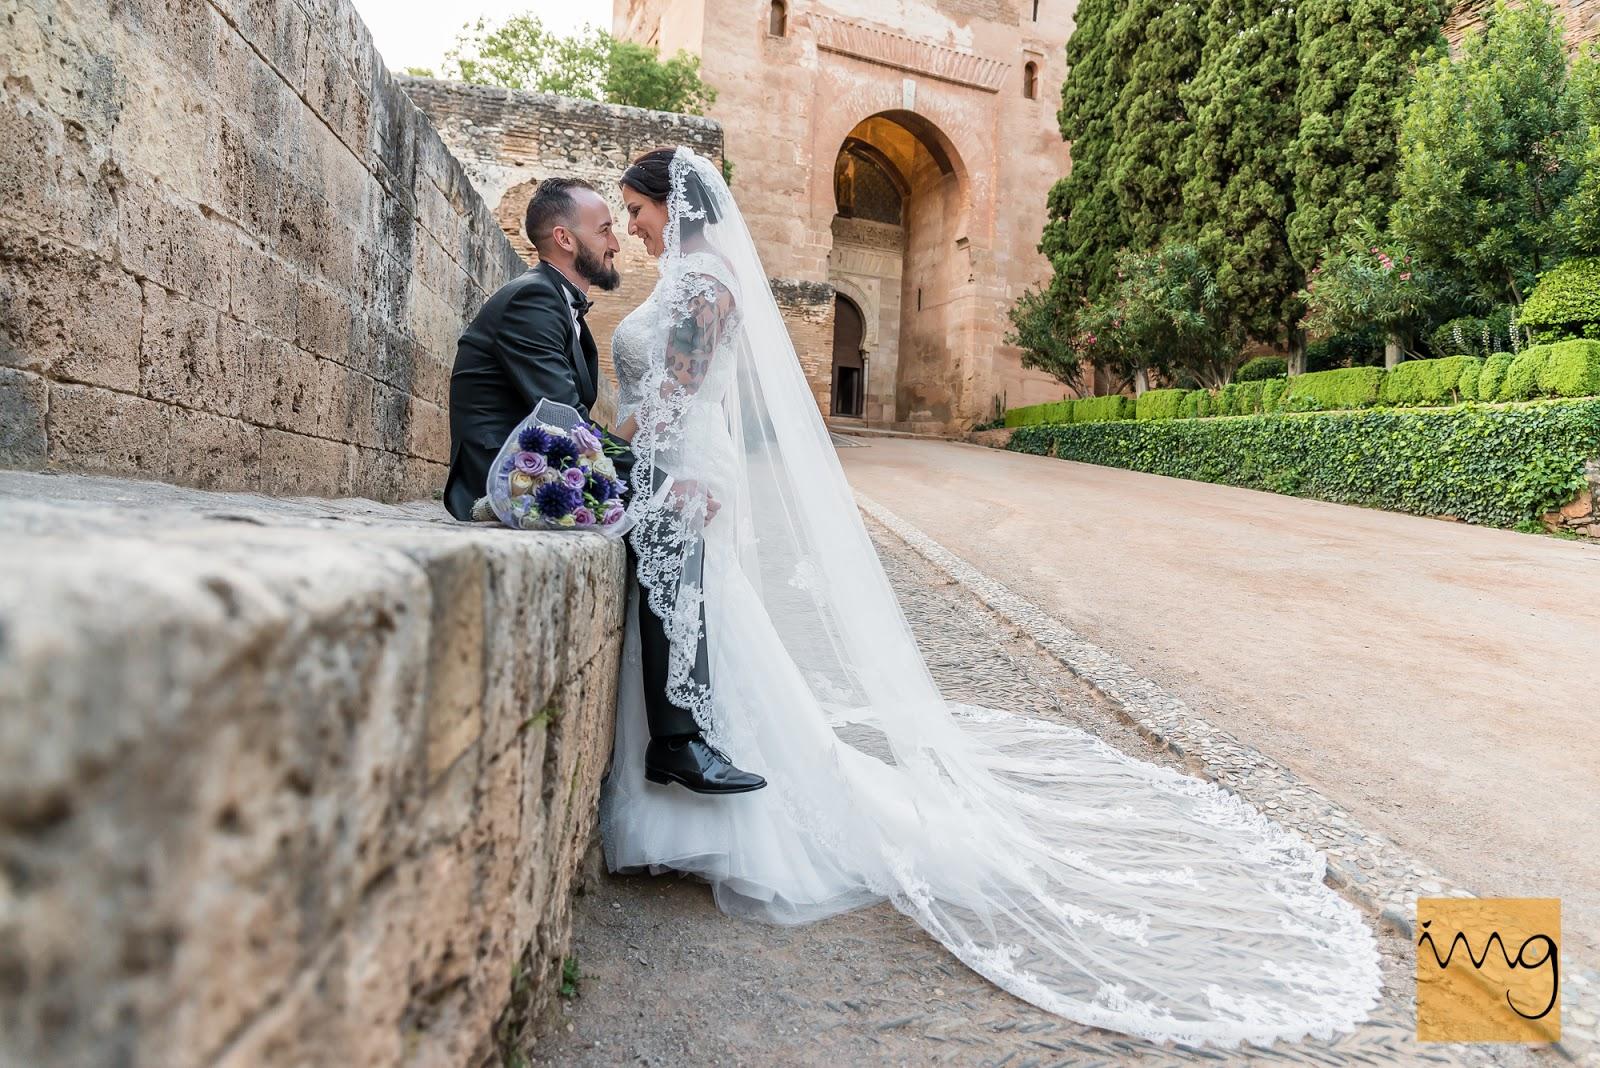 Fotografía original de los recién casados en el bosque de la Alhambra